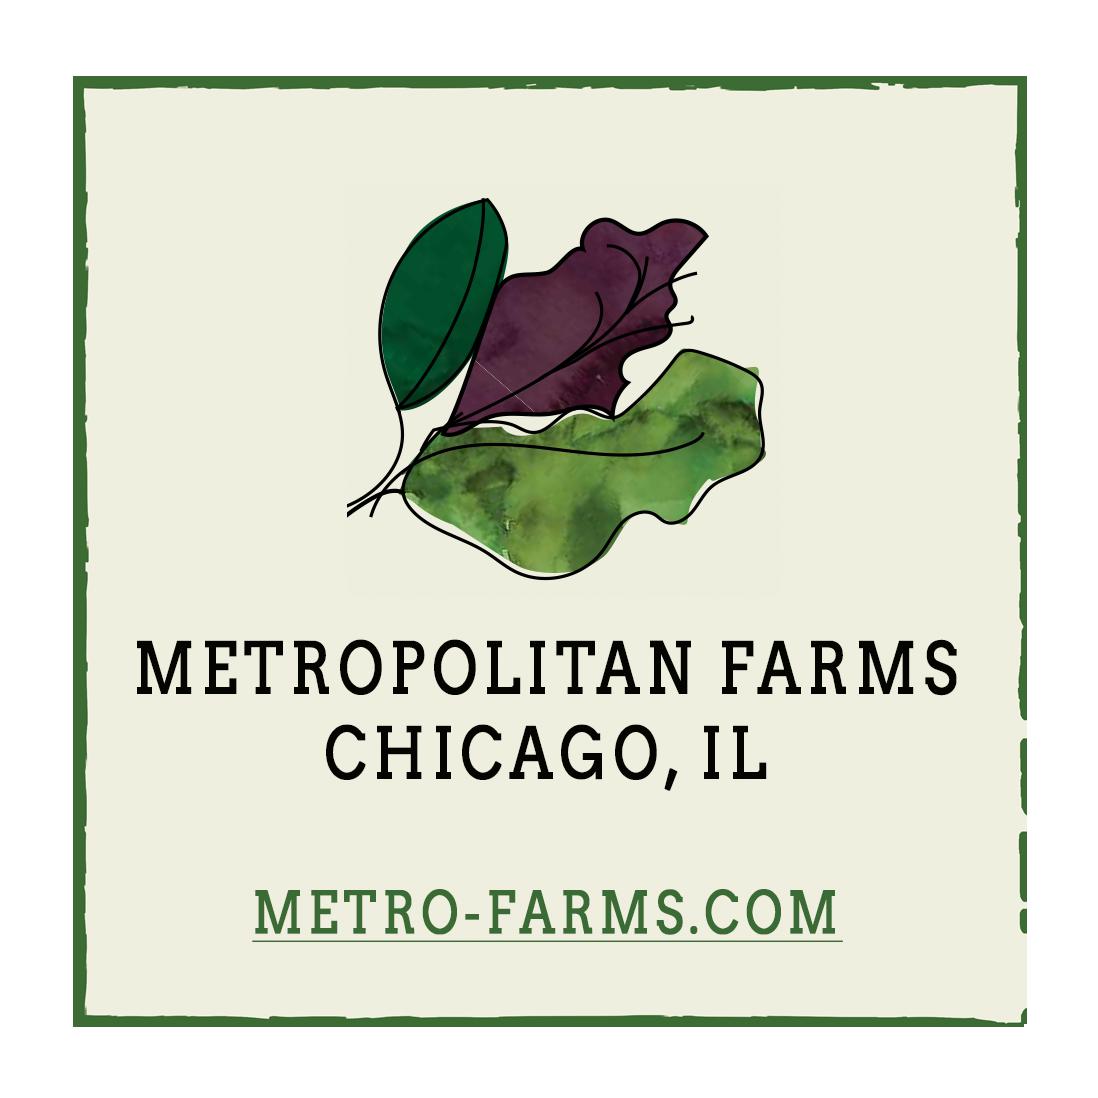 Metropolitan Farms